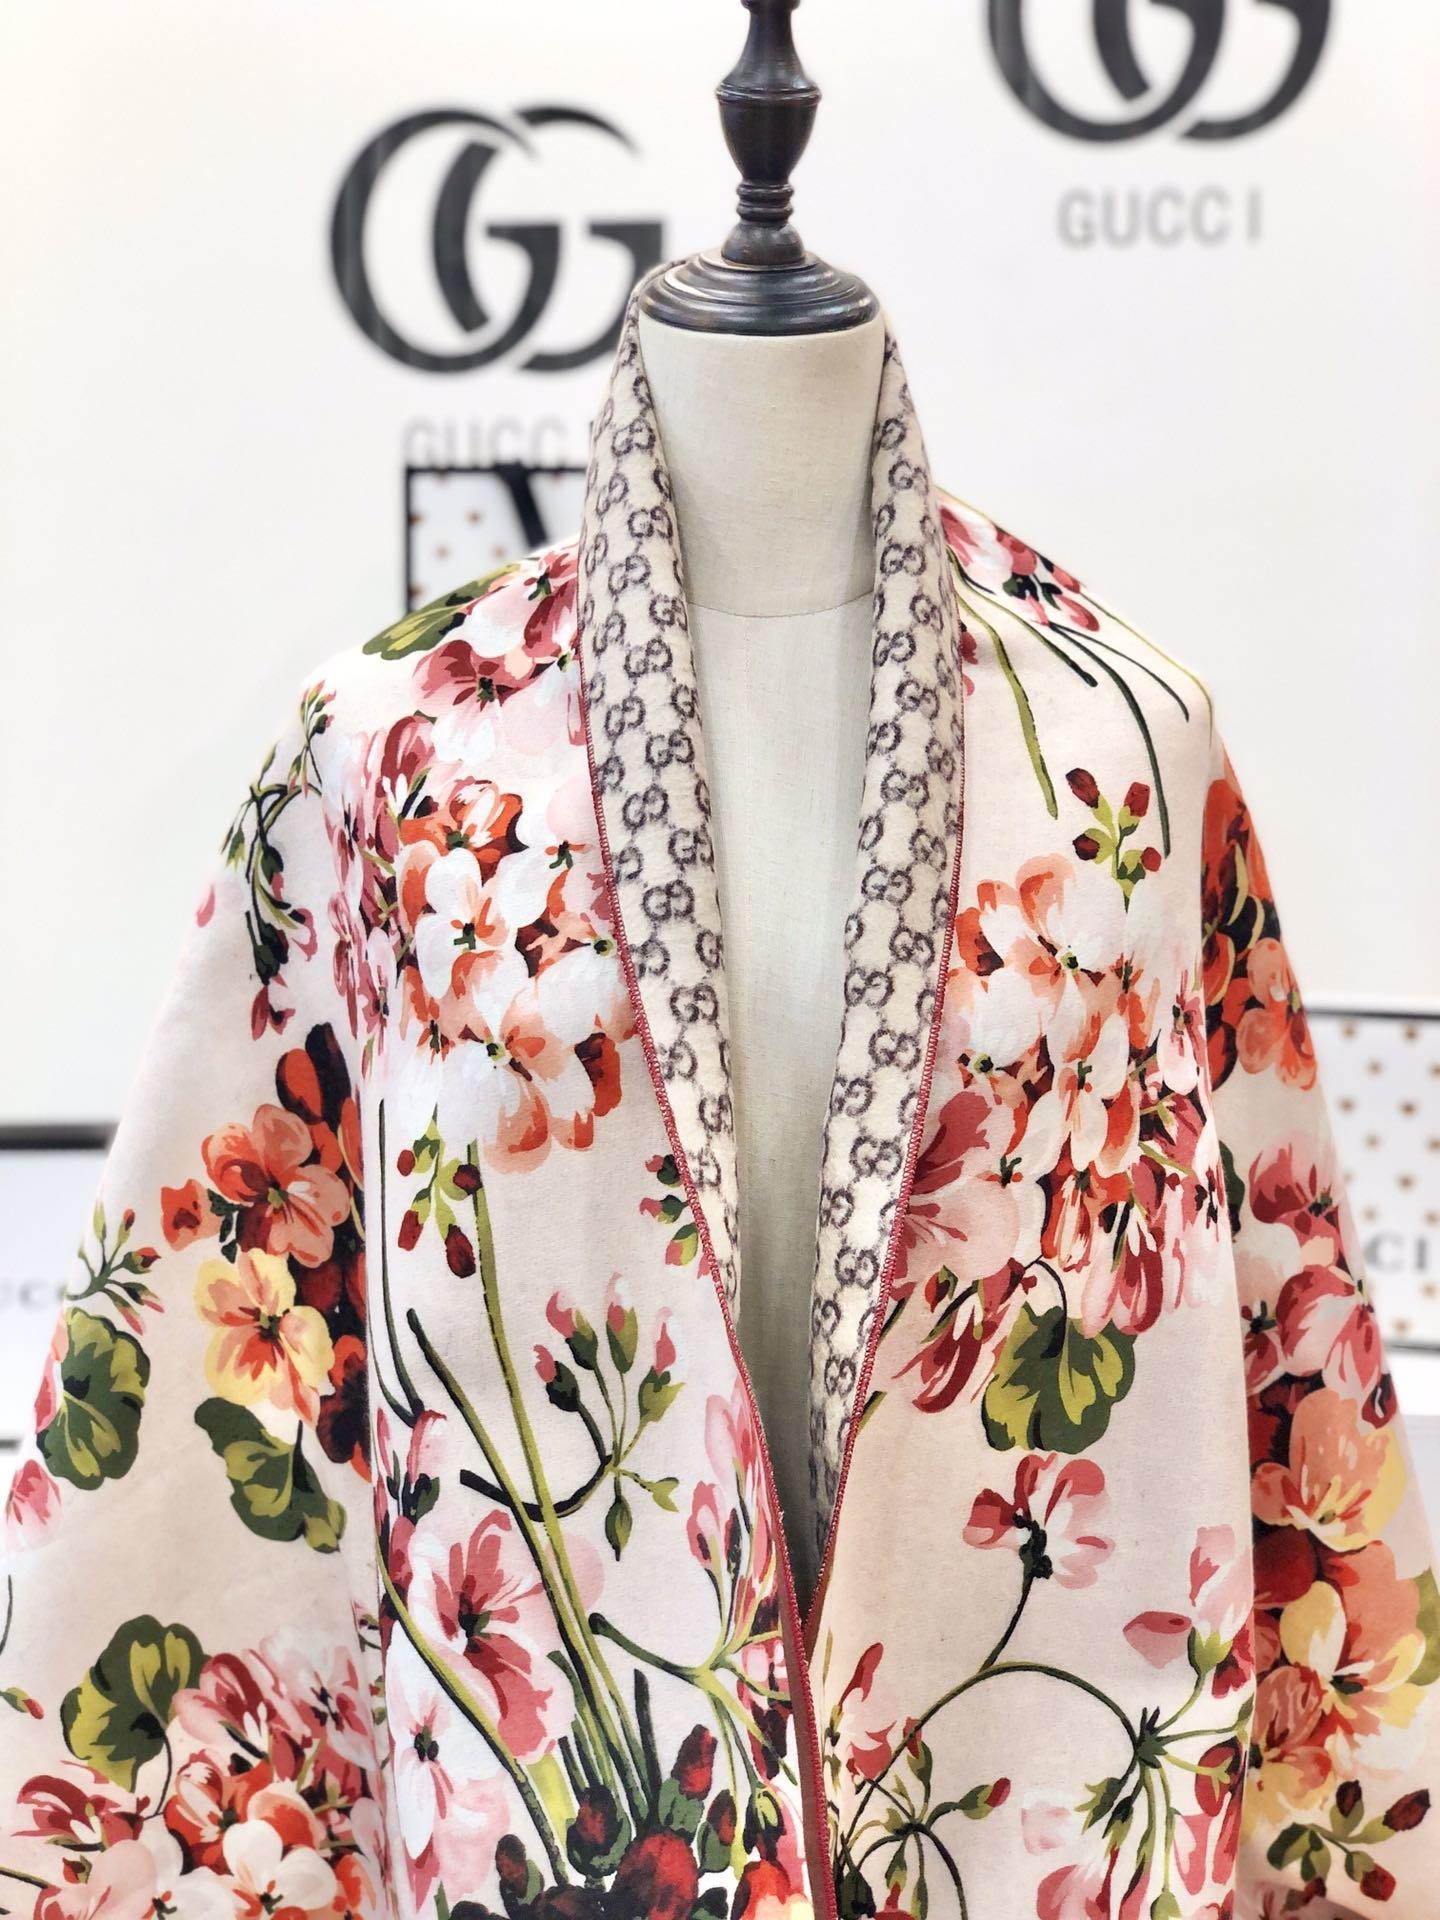 gucci真丝围巾印花图案 专柜同款(图8)